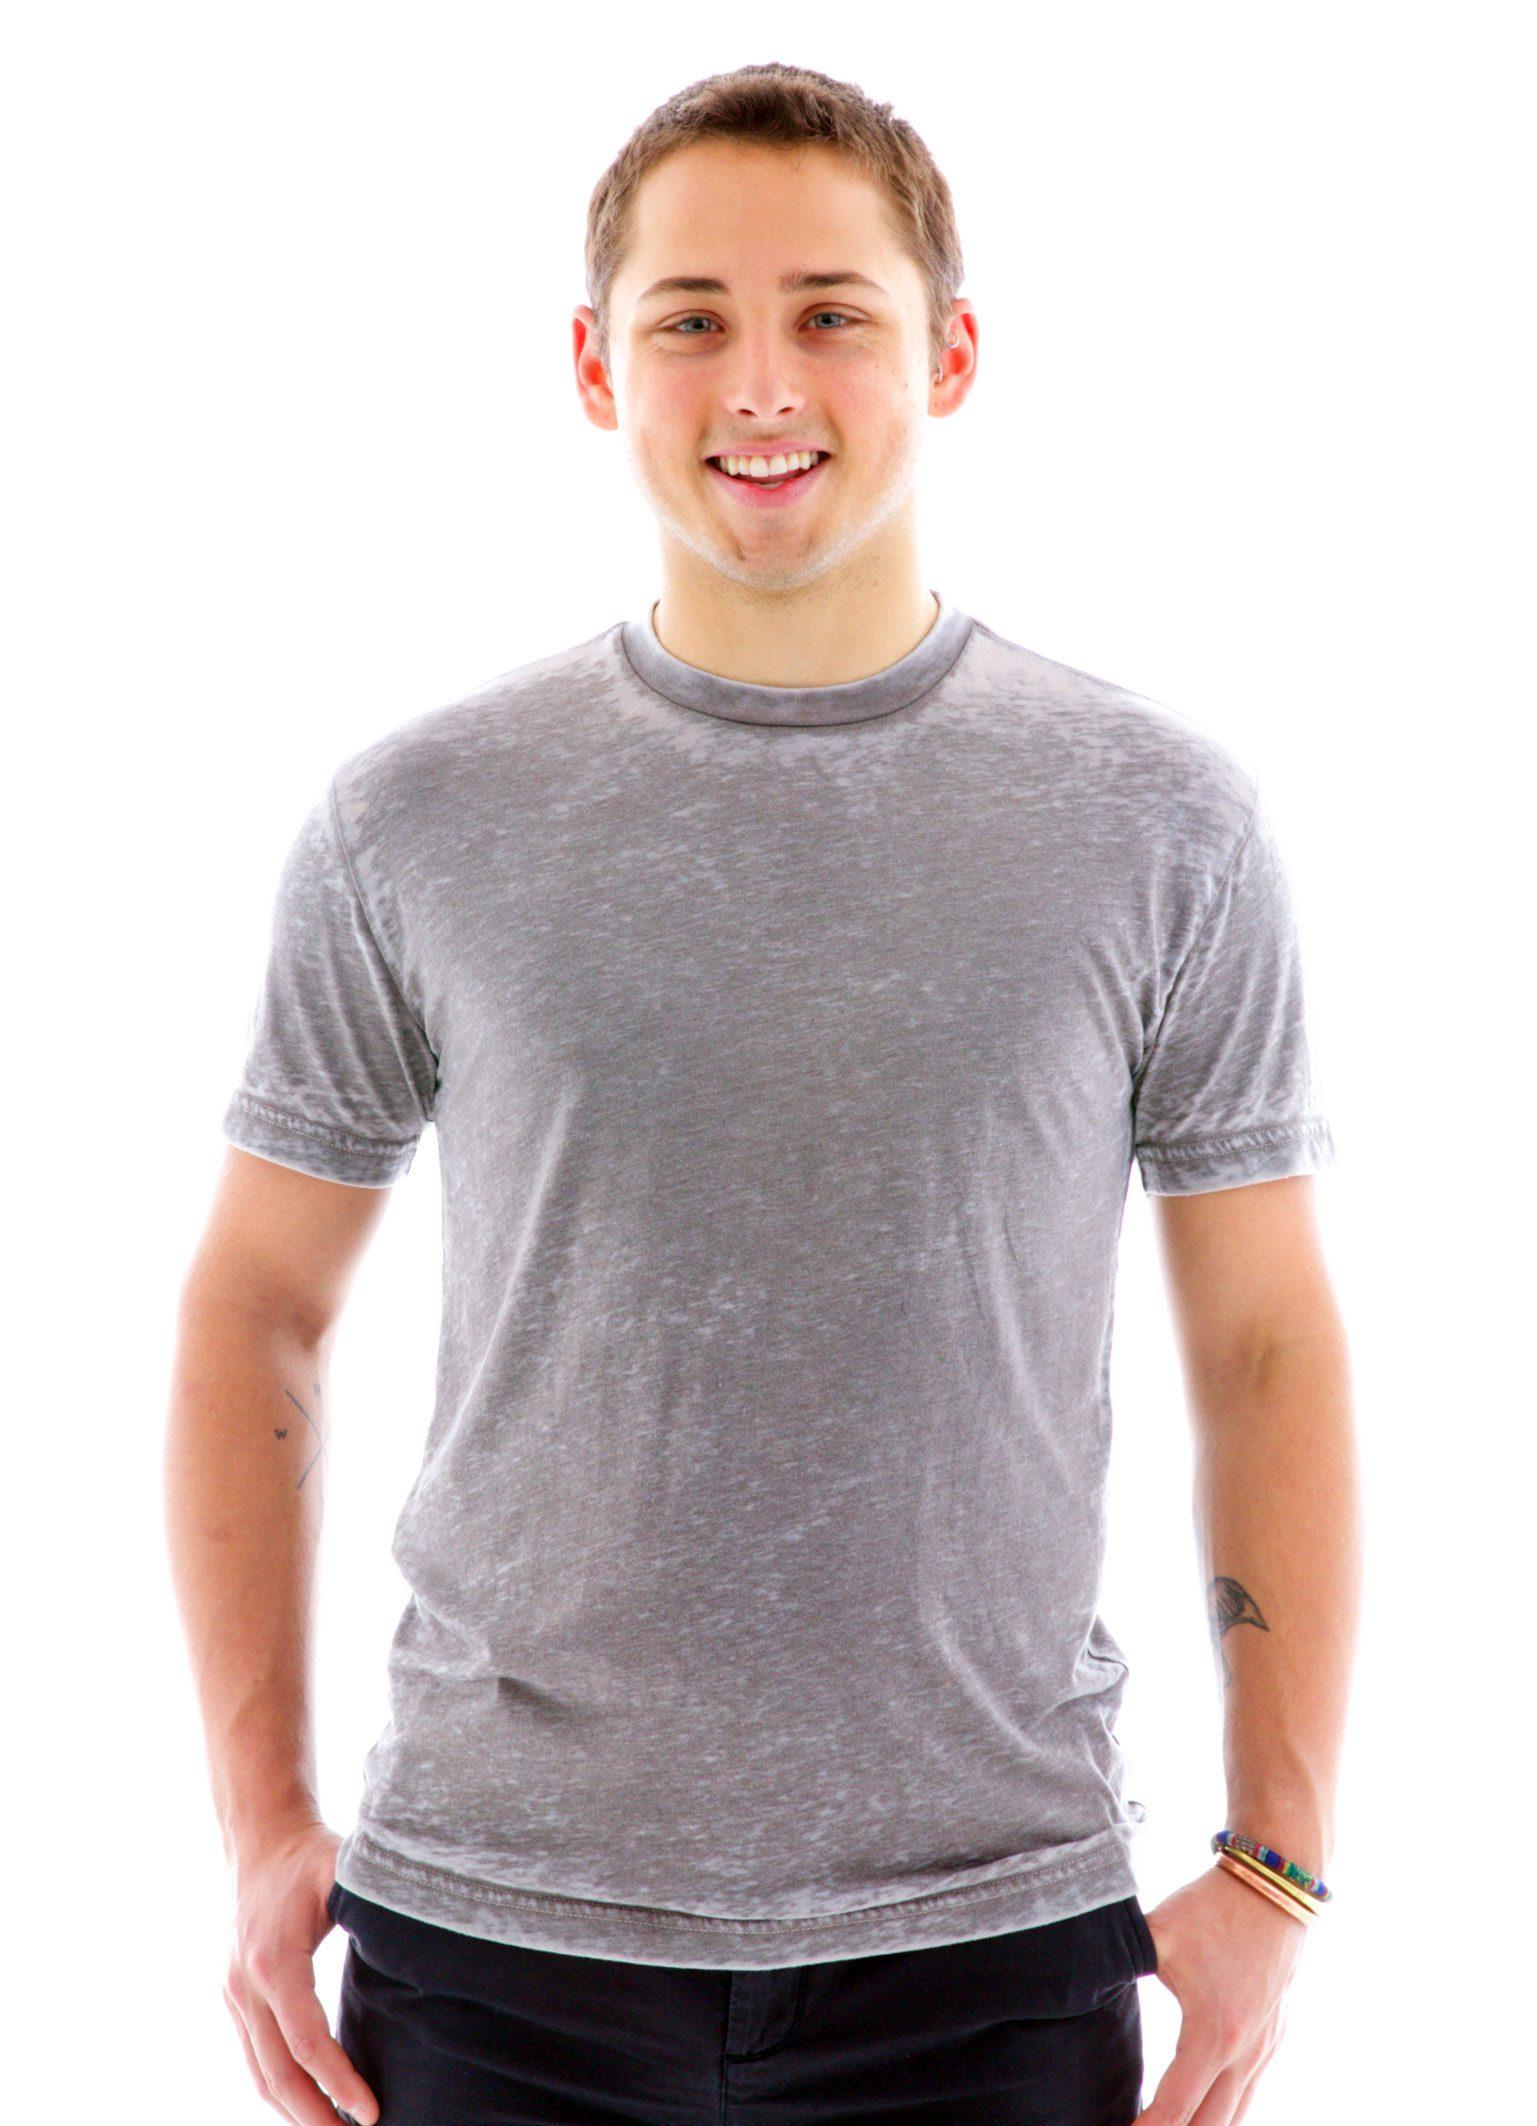 Burnout Crew Custom Printed T-Shirt